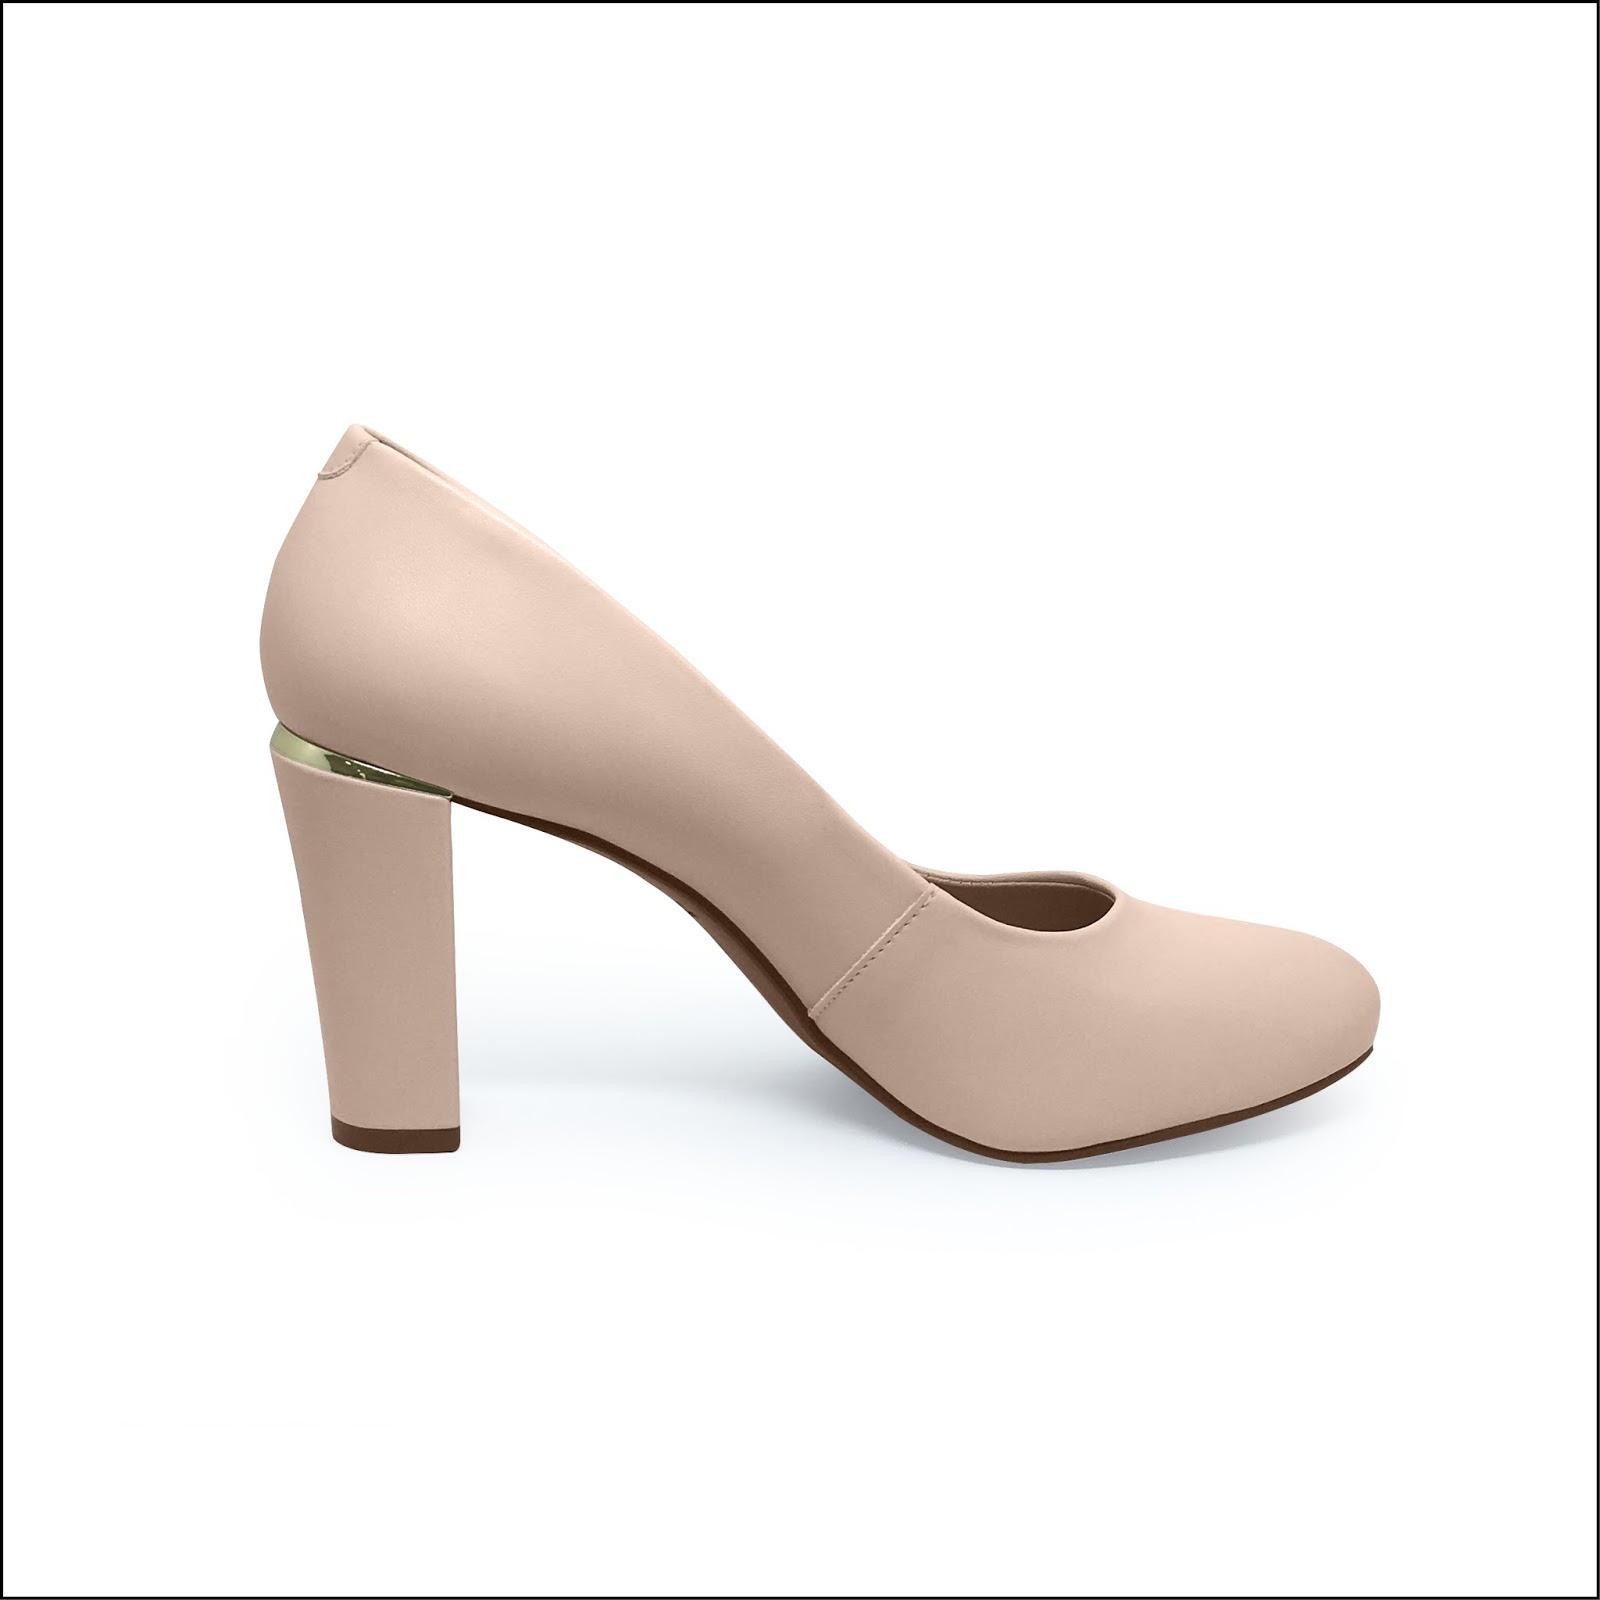 b49e0d11a A Zutti conta com 13 lojas próprias em Curitiba, marca de calçados  femininos consolida presença com variedade, conveniência e preços justos